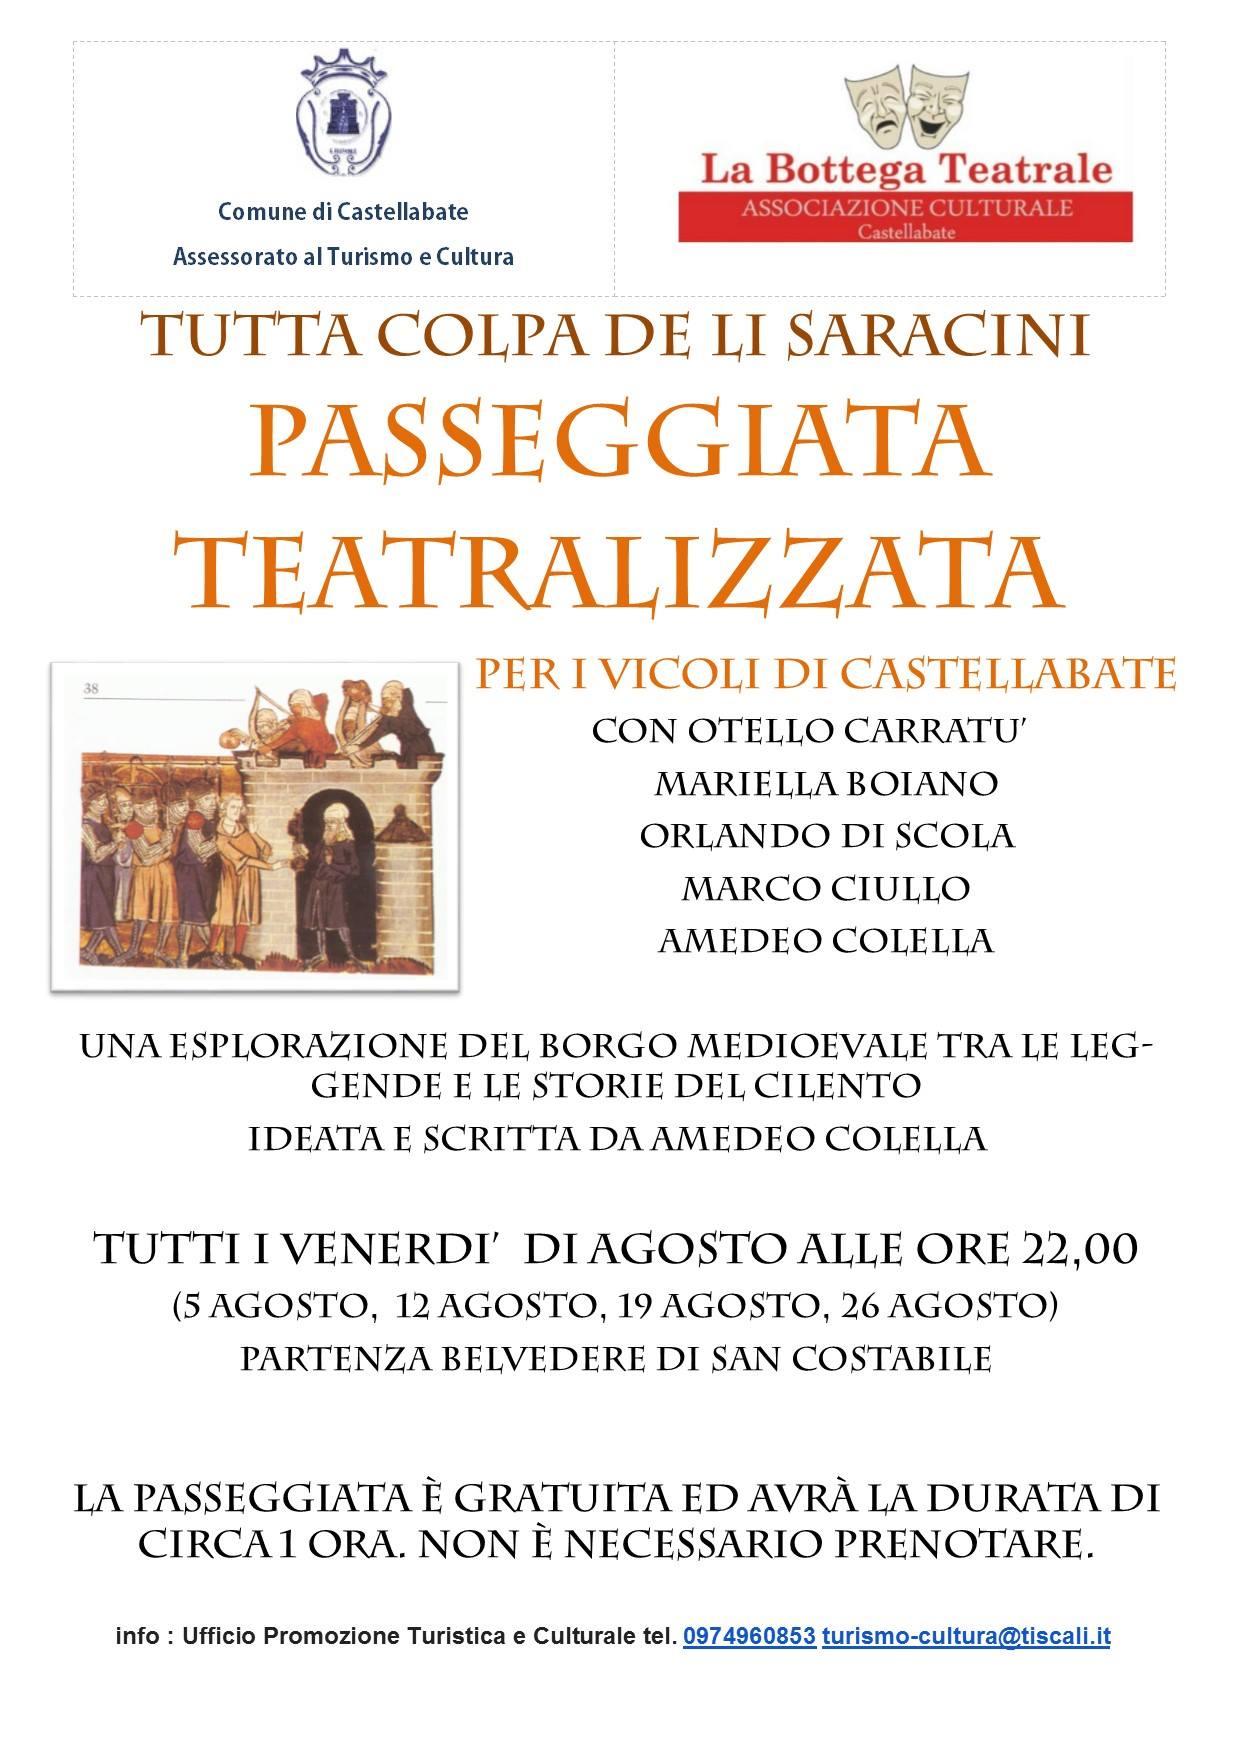 Castellabate passeggiata teatralizzata Tutta colpa de li Saracini